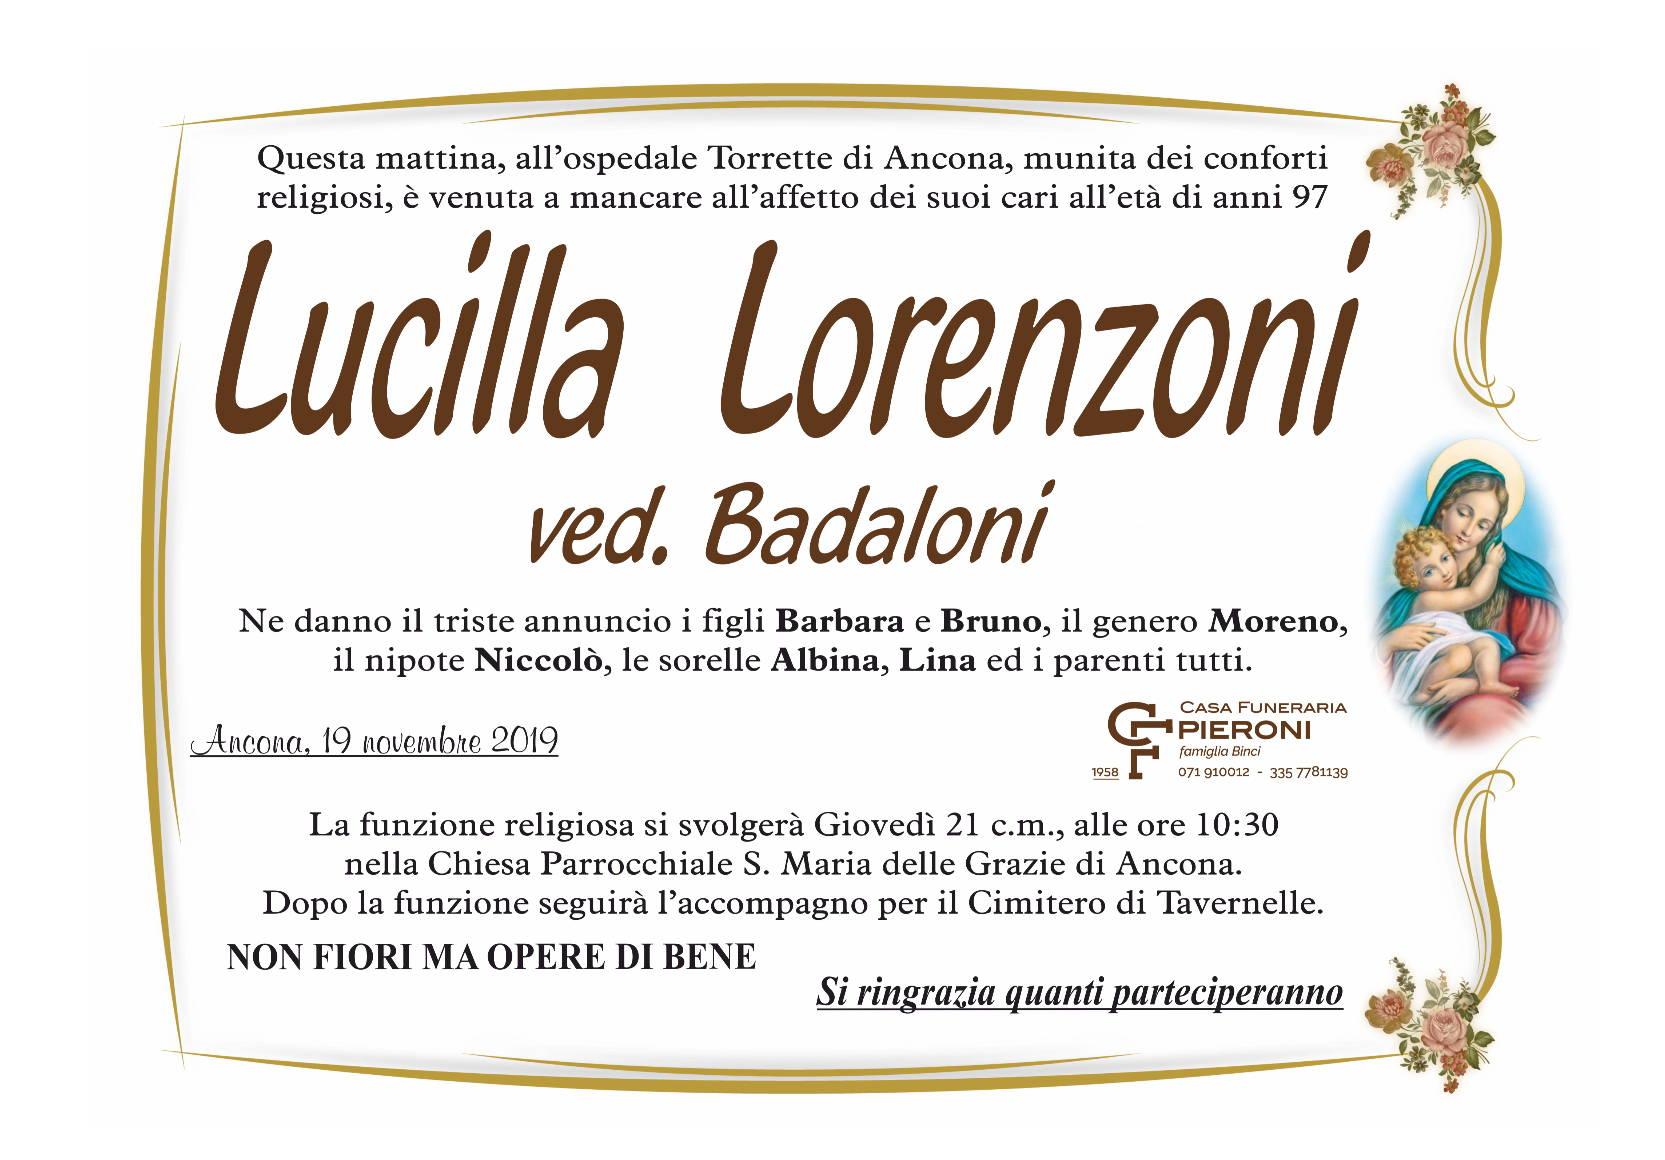 Lucilla Lorenzoni